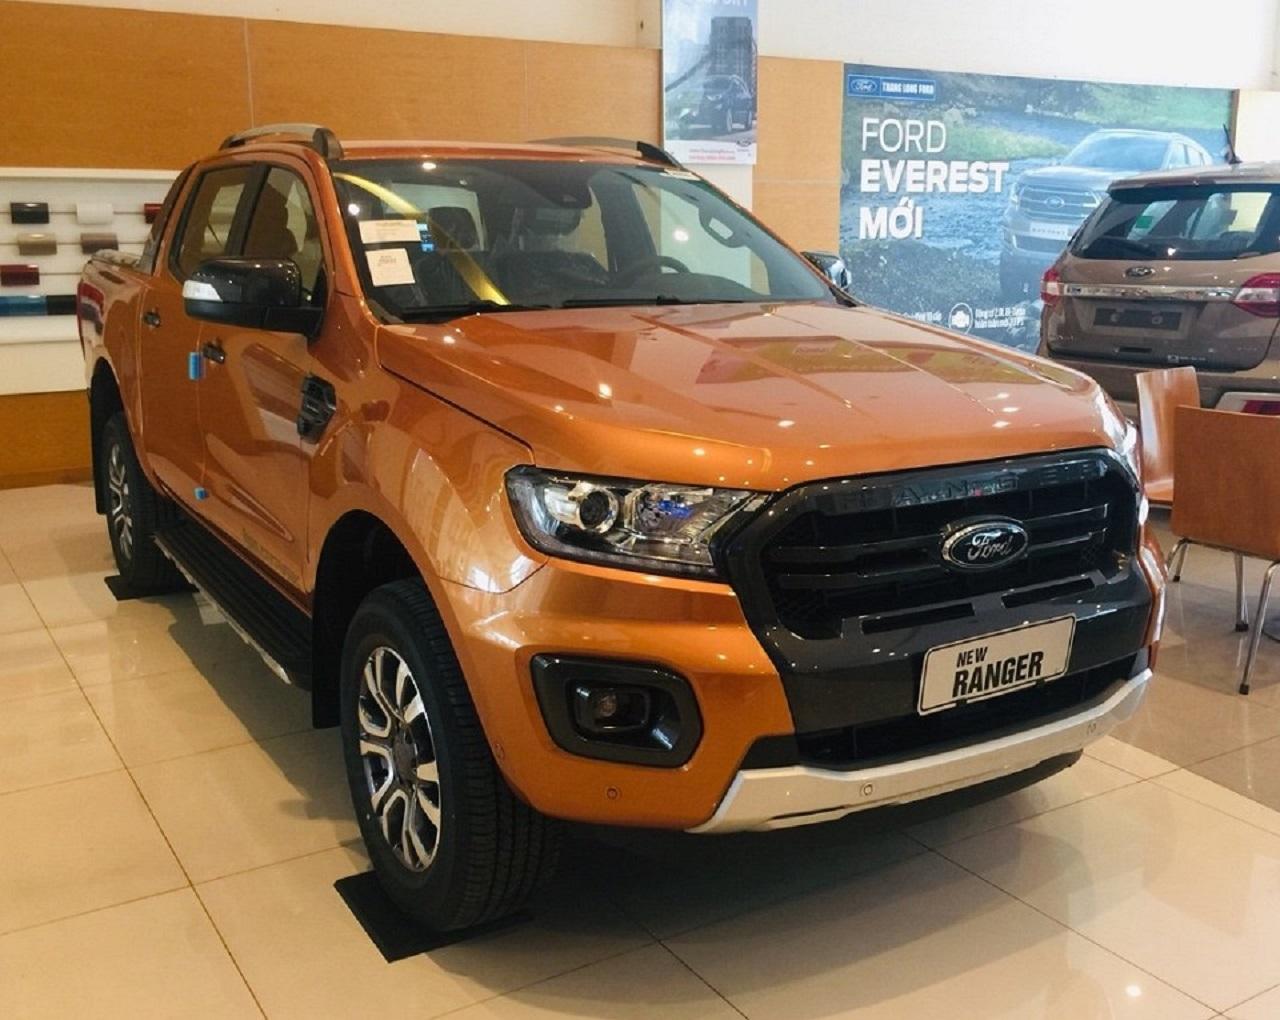 Ford Ranger đang bán tại Việt Nam